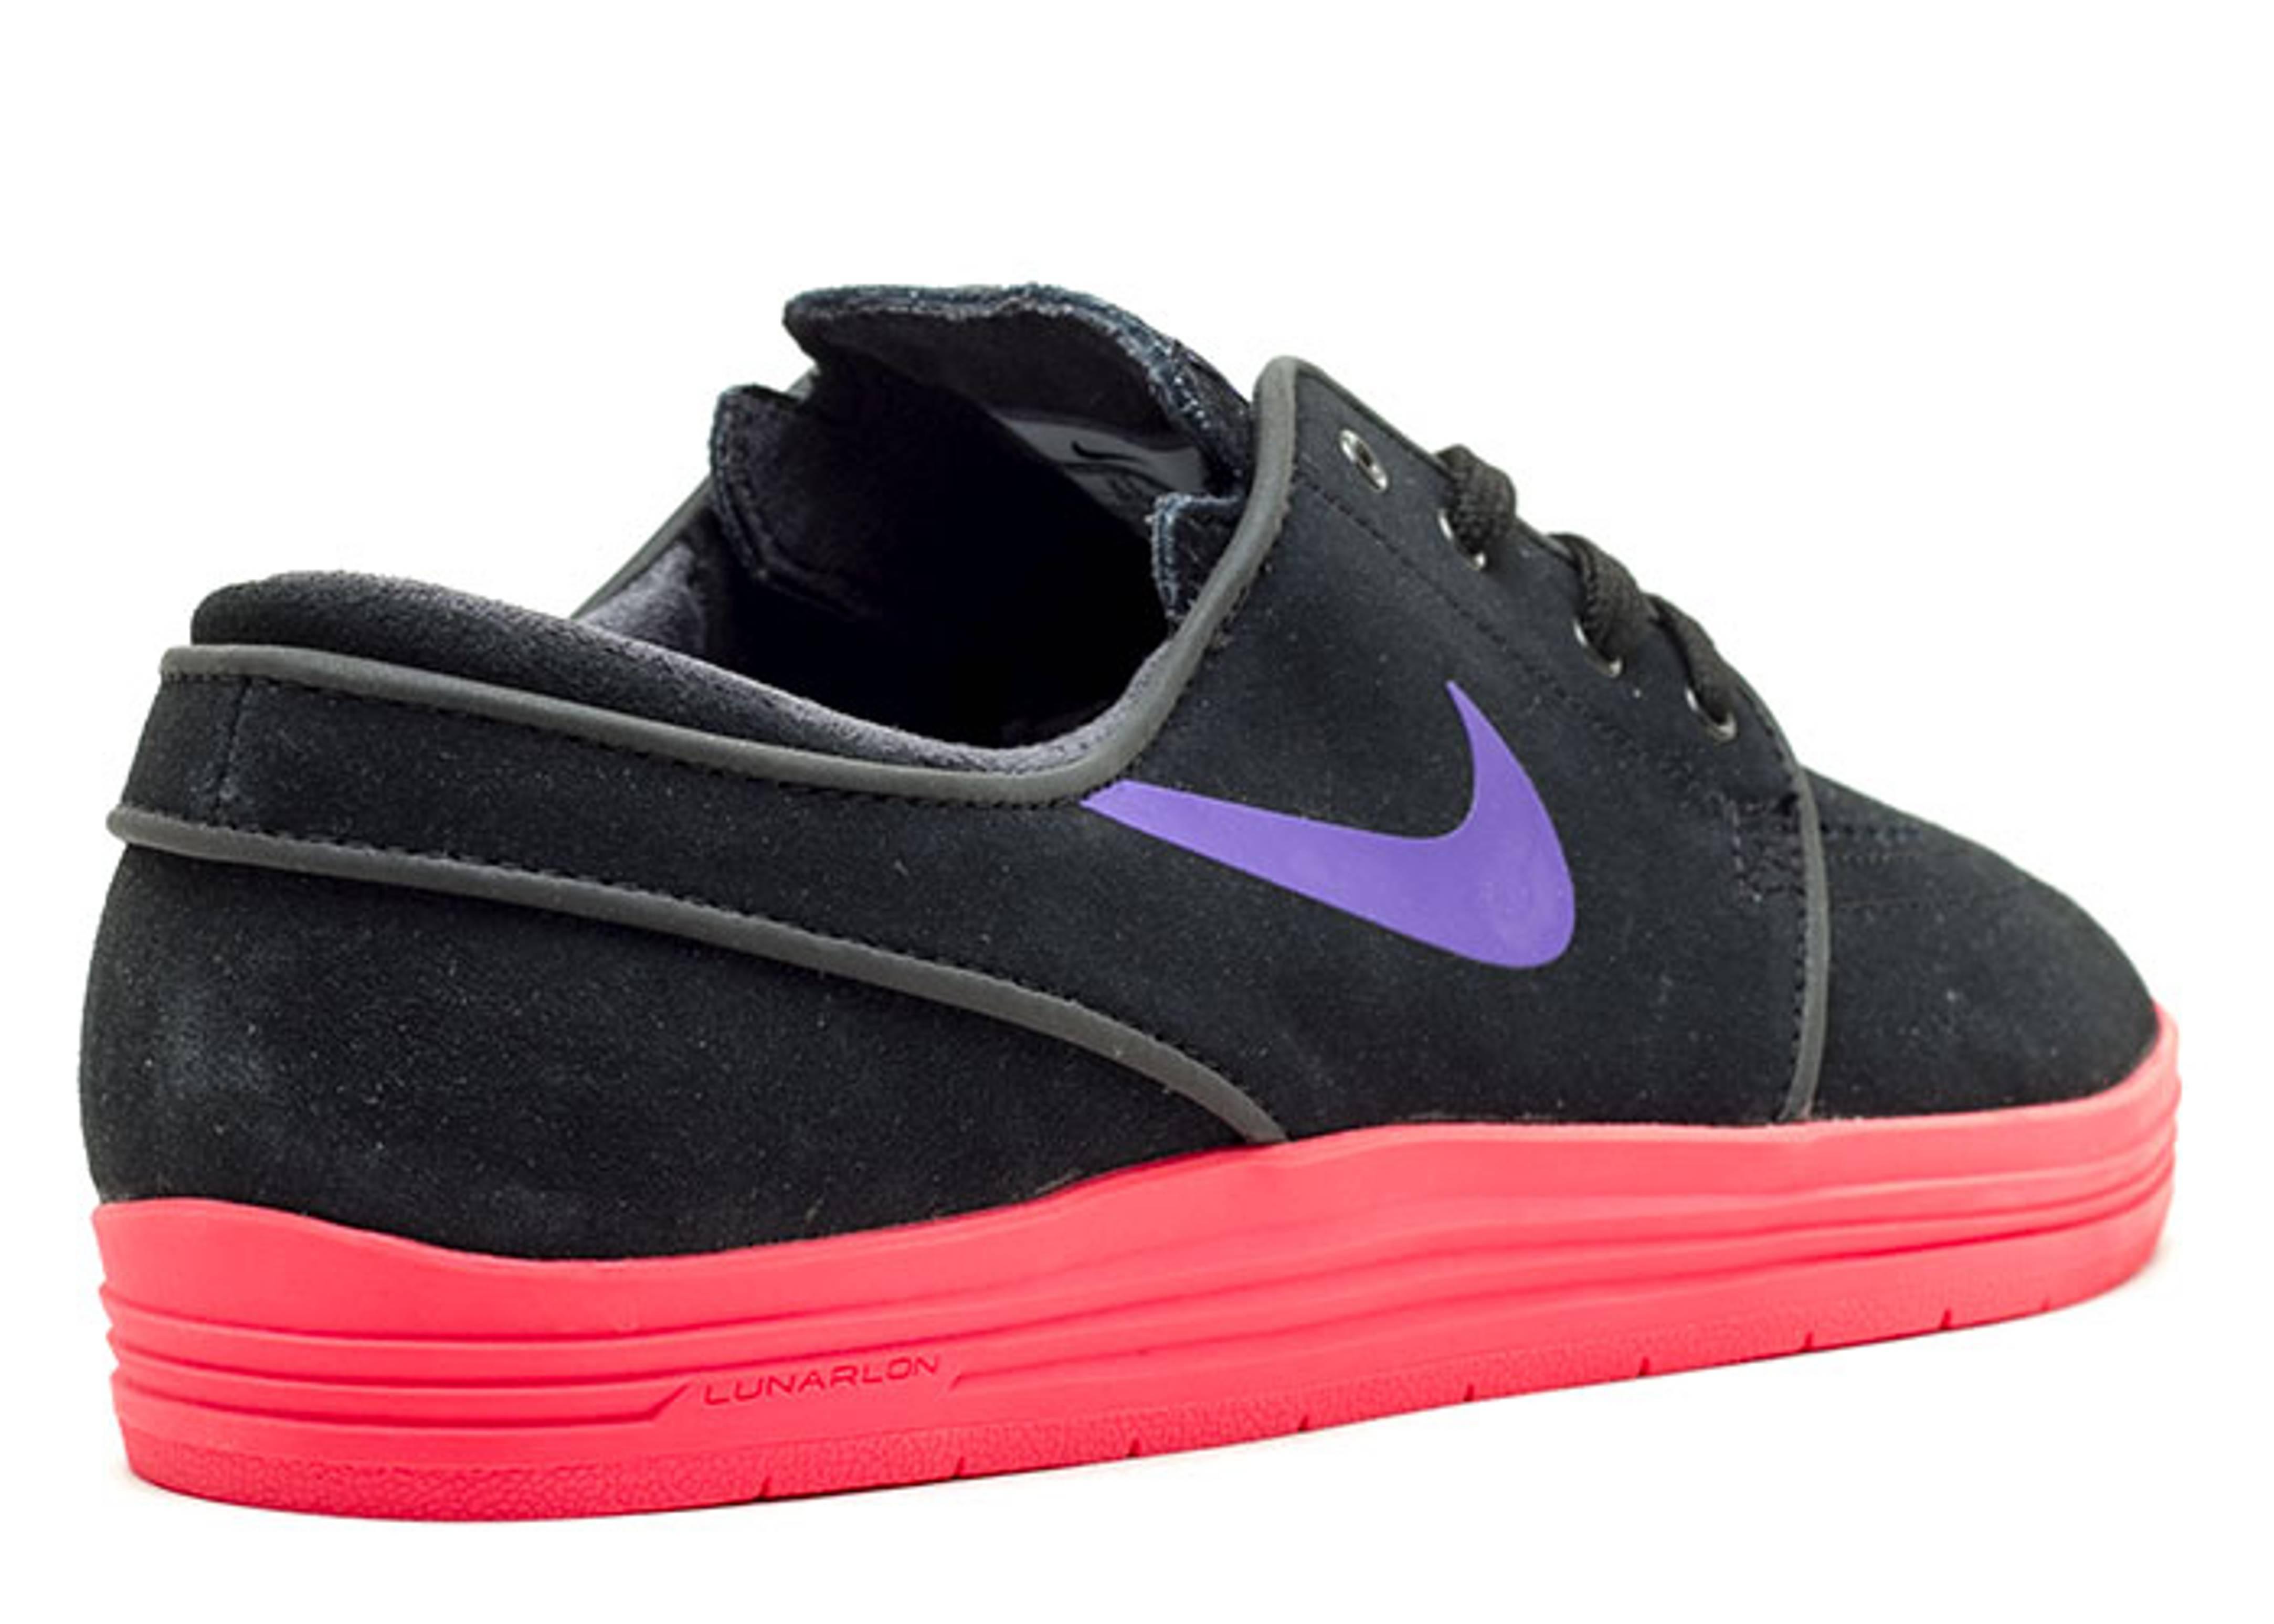 buy online c4c06 a7ef1 Lunar Stefan Janoski - Nike - 654857 056 - black hyper grape-hyper punch  Flight Additional Images Nike SB ...